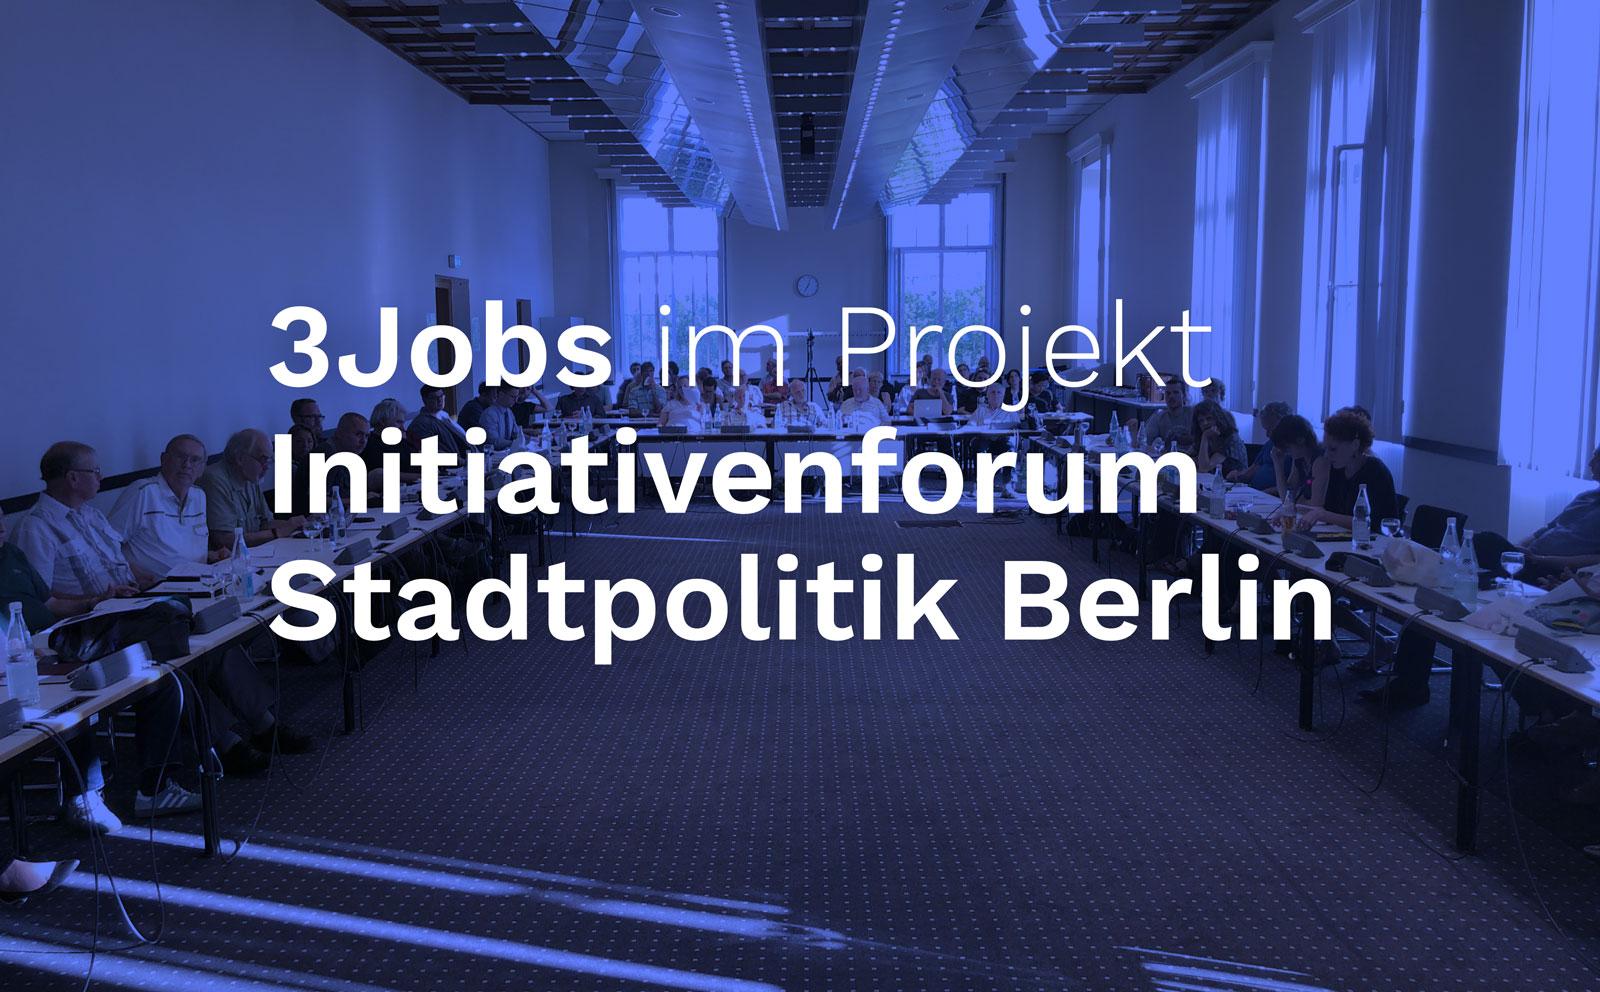 """Drei Jobausschreibungen für das Projekt """"Initiativenforum Stadtpolitik Berlin"""""""